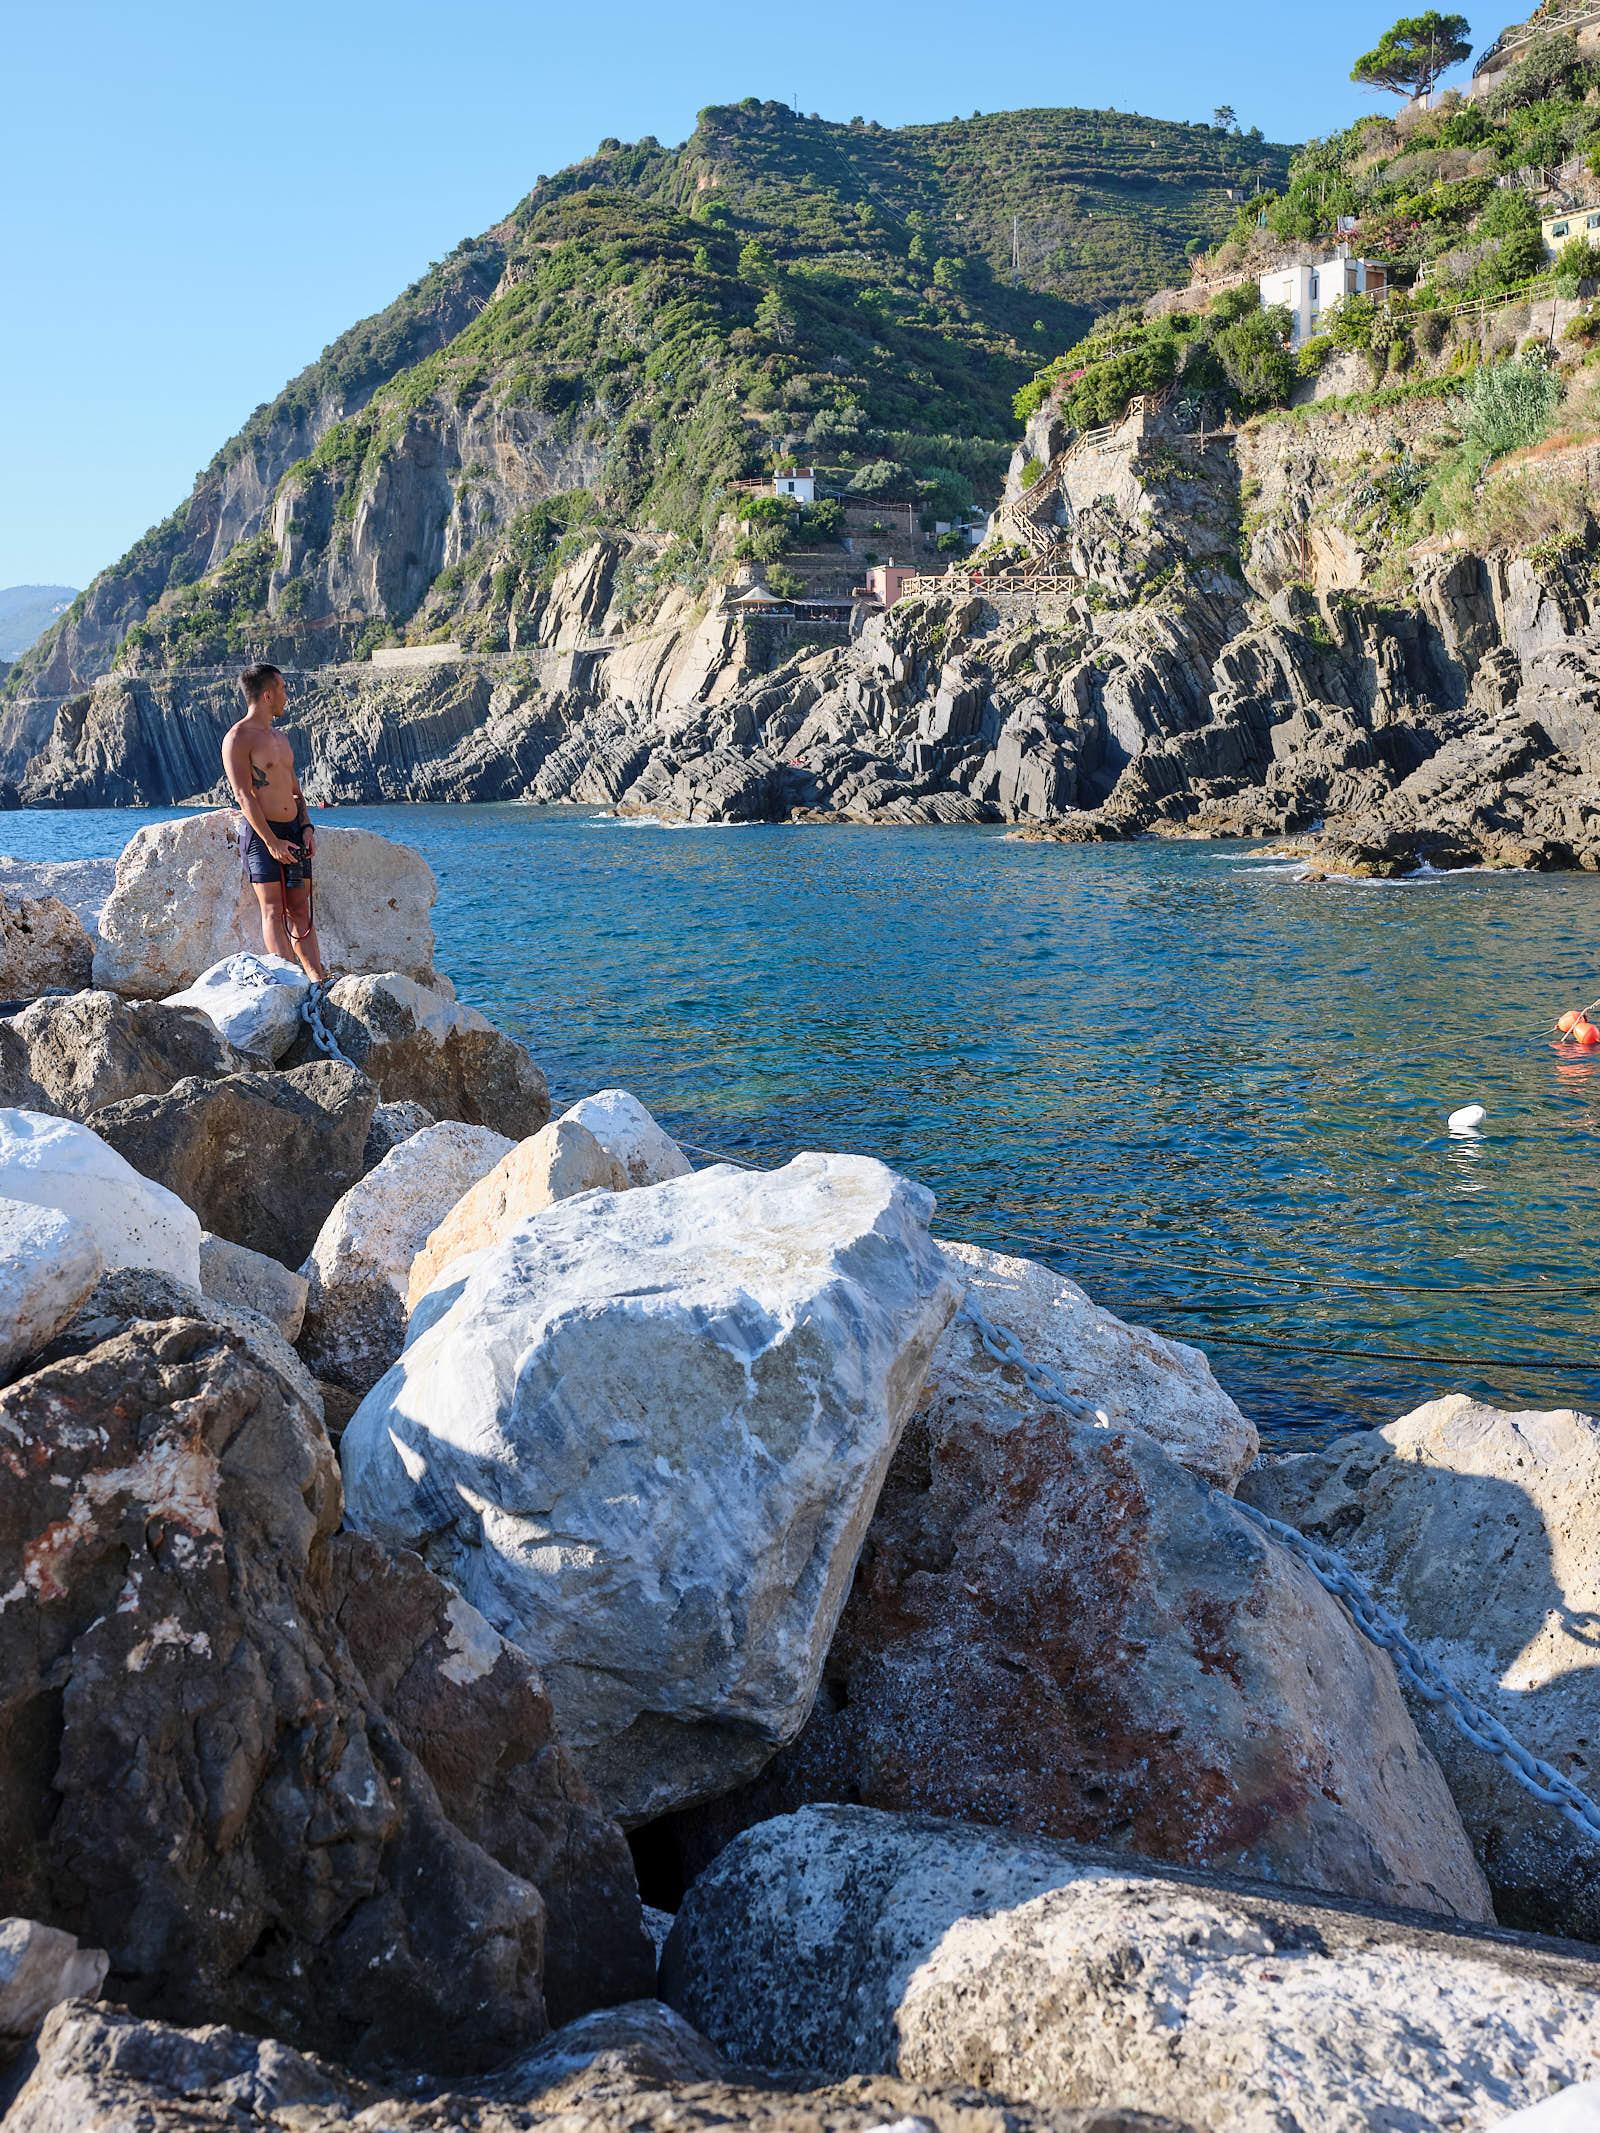 Riomagiorrie, Cinque Terre, Italy